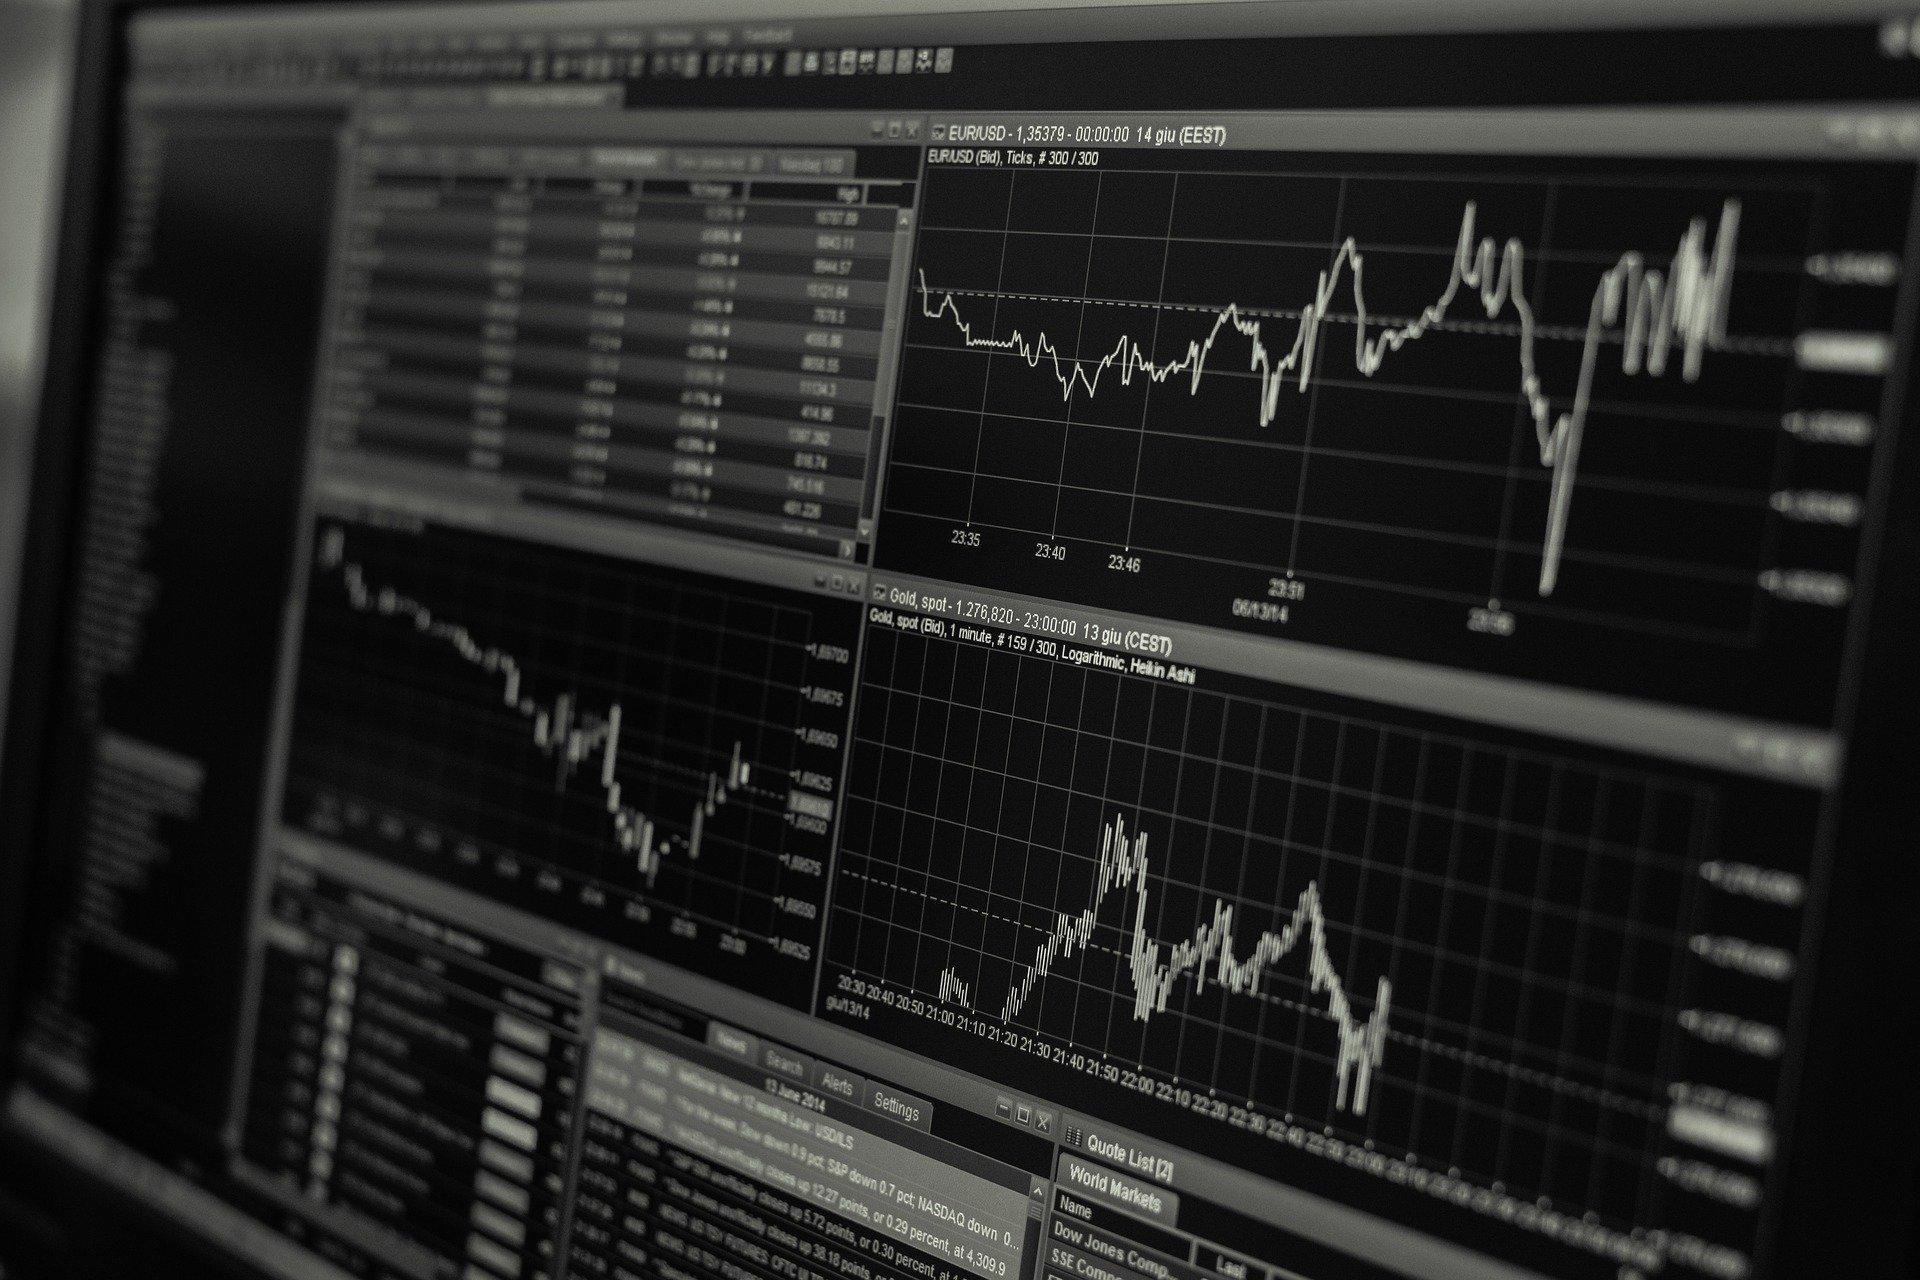 【インデックス投資に懐疑的な人必読】たくさんのデータがインデックス投資を支持